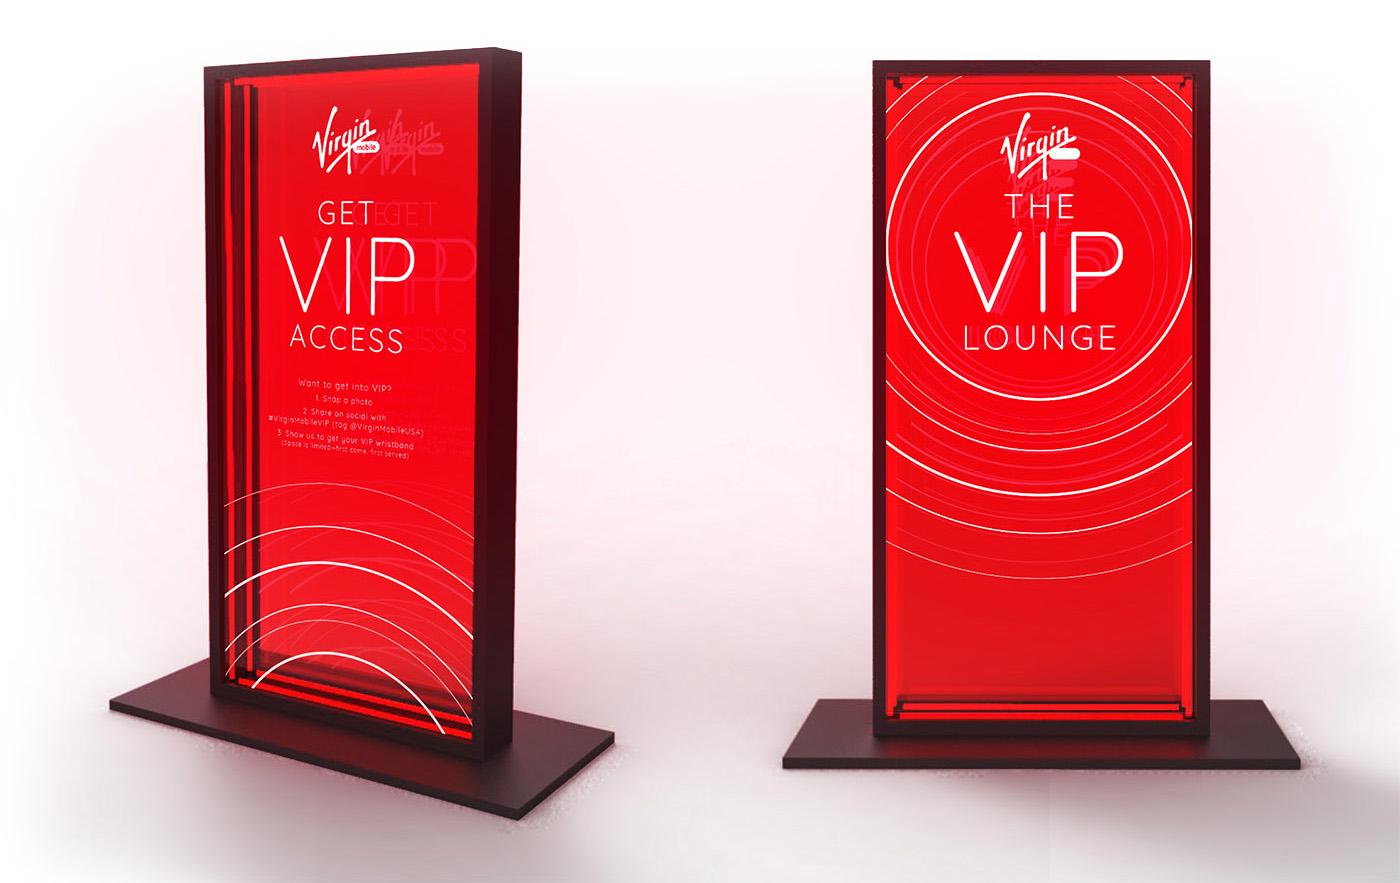 Virgin Mobile Signage copy.jpg